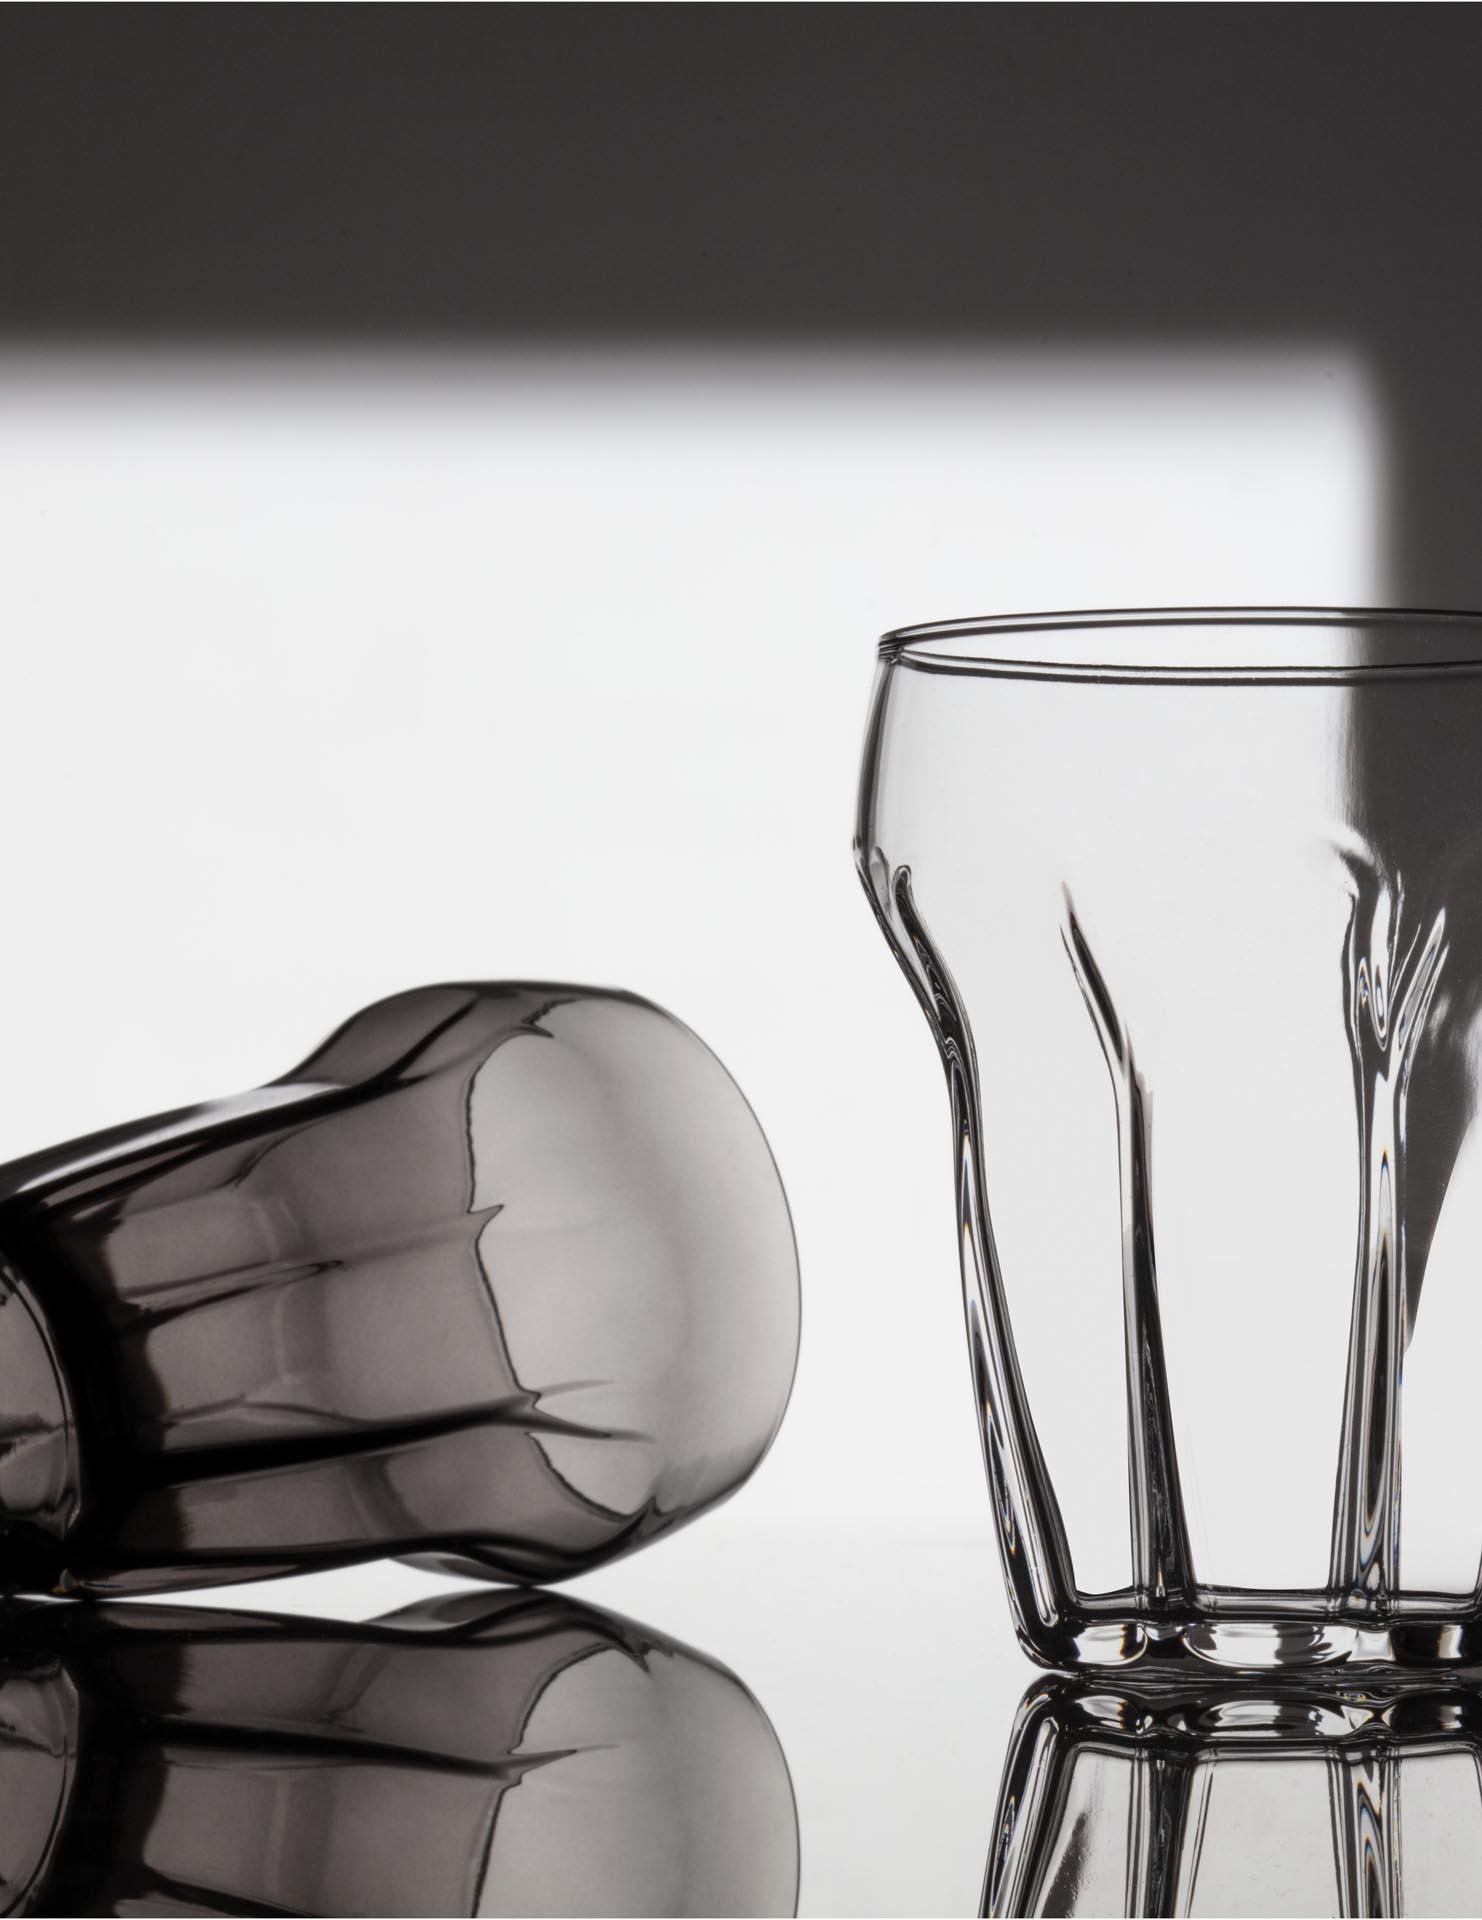 Semplice_Coop Italia_Mario Trimarchi Design | | Ph Santi Caleca